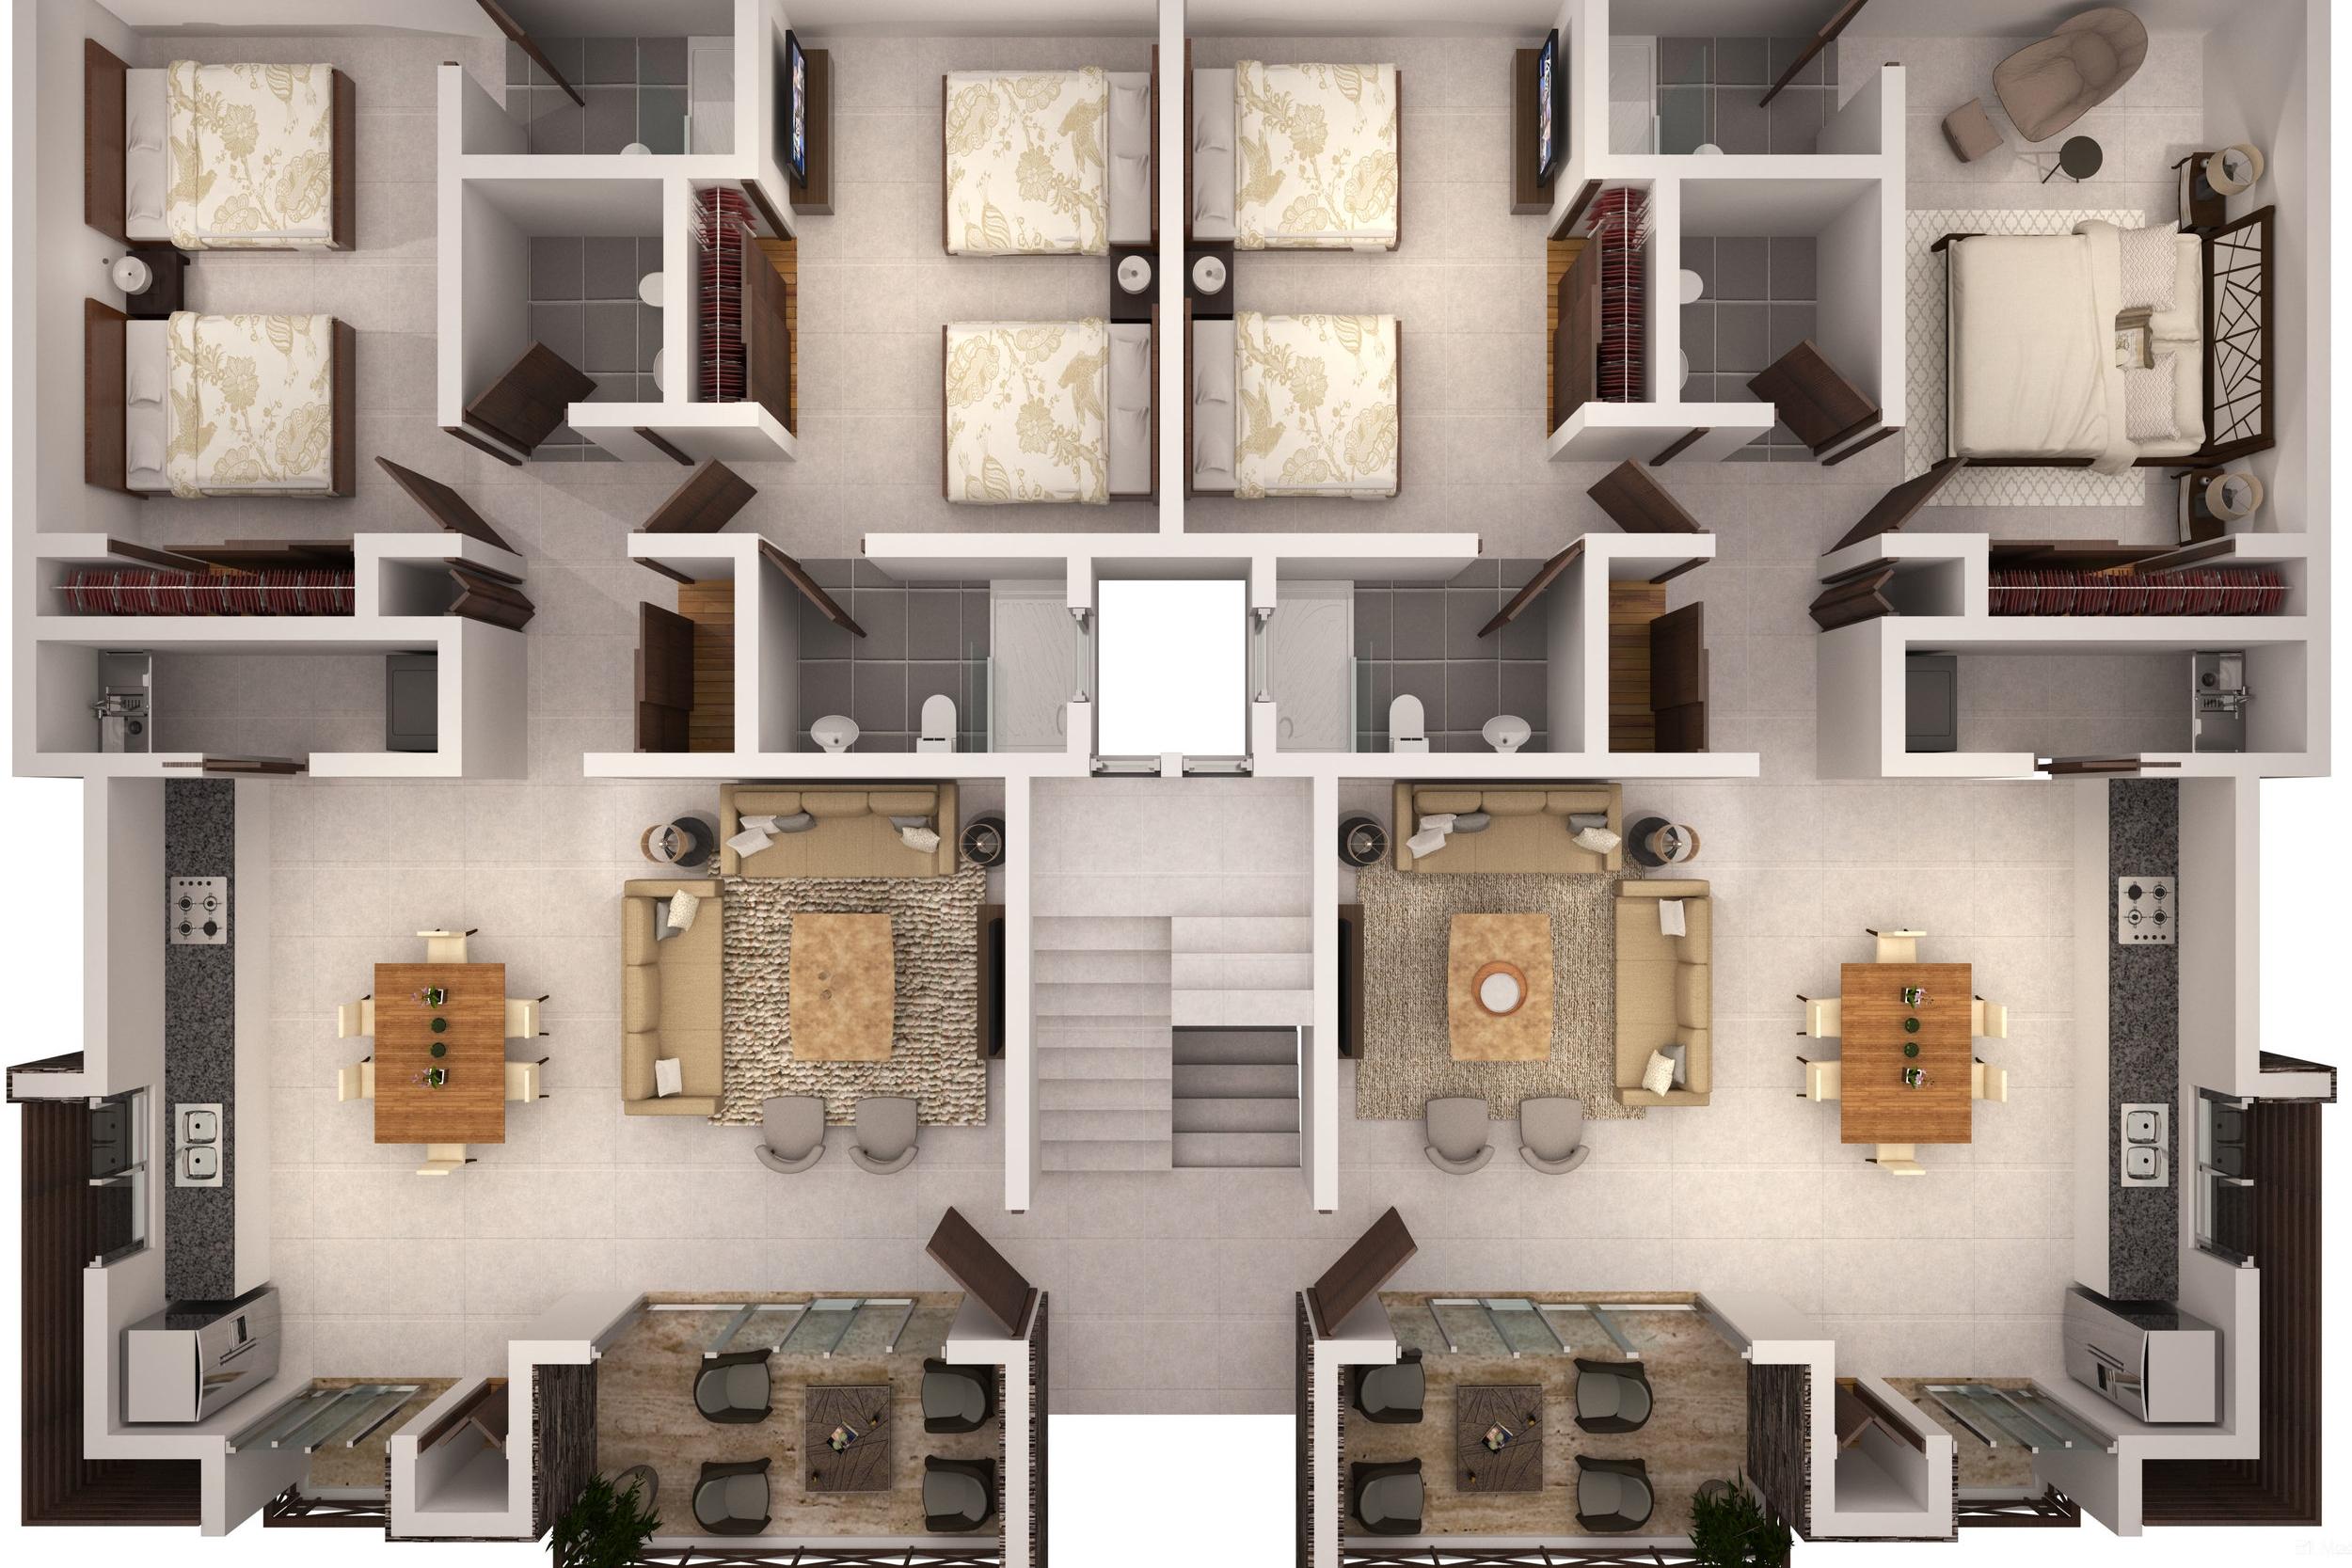 Planta Bloque 2 apartments for sale las terrenas Saman Lista.jpg